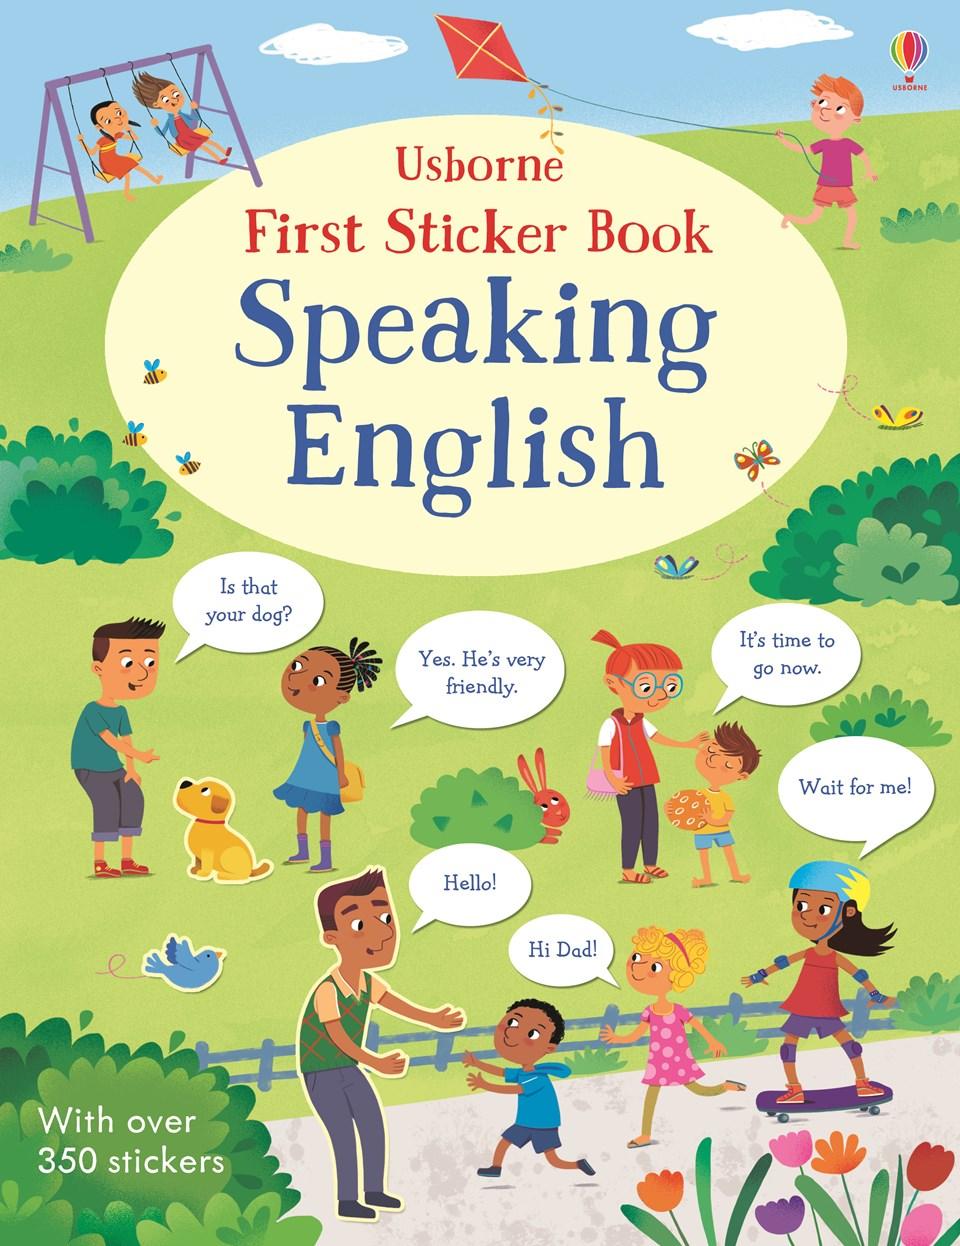 FIRST STICKER BOOK SPEAKING ENGLISH